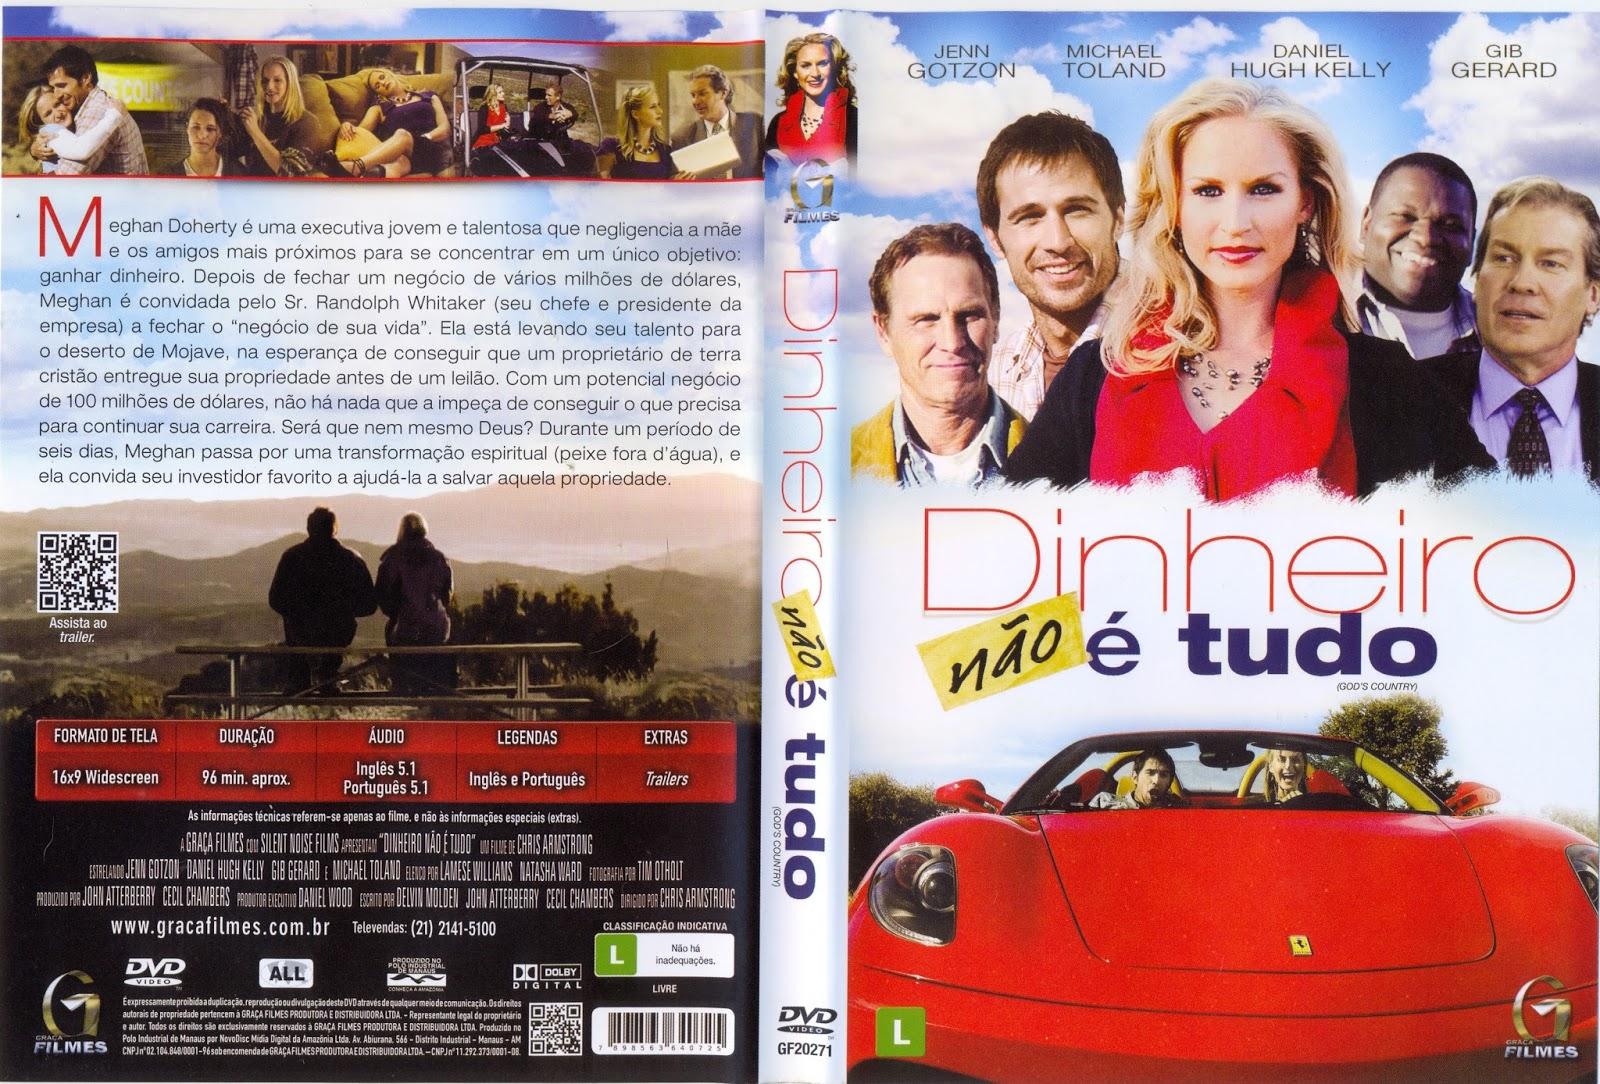 FILME ONLINE DINHEIRO NÃO É TUDO - ASSISTA ONLINE AQUI